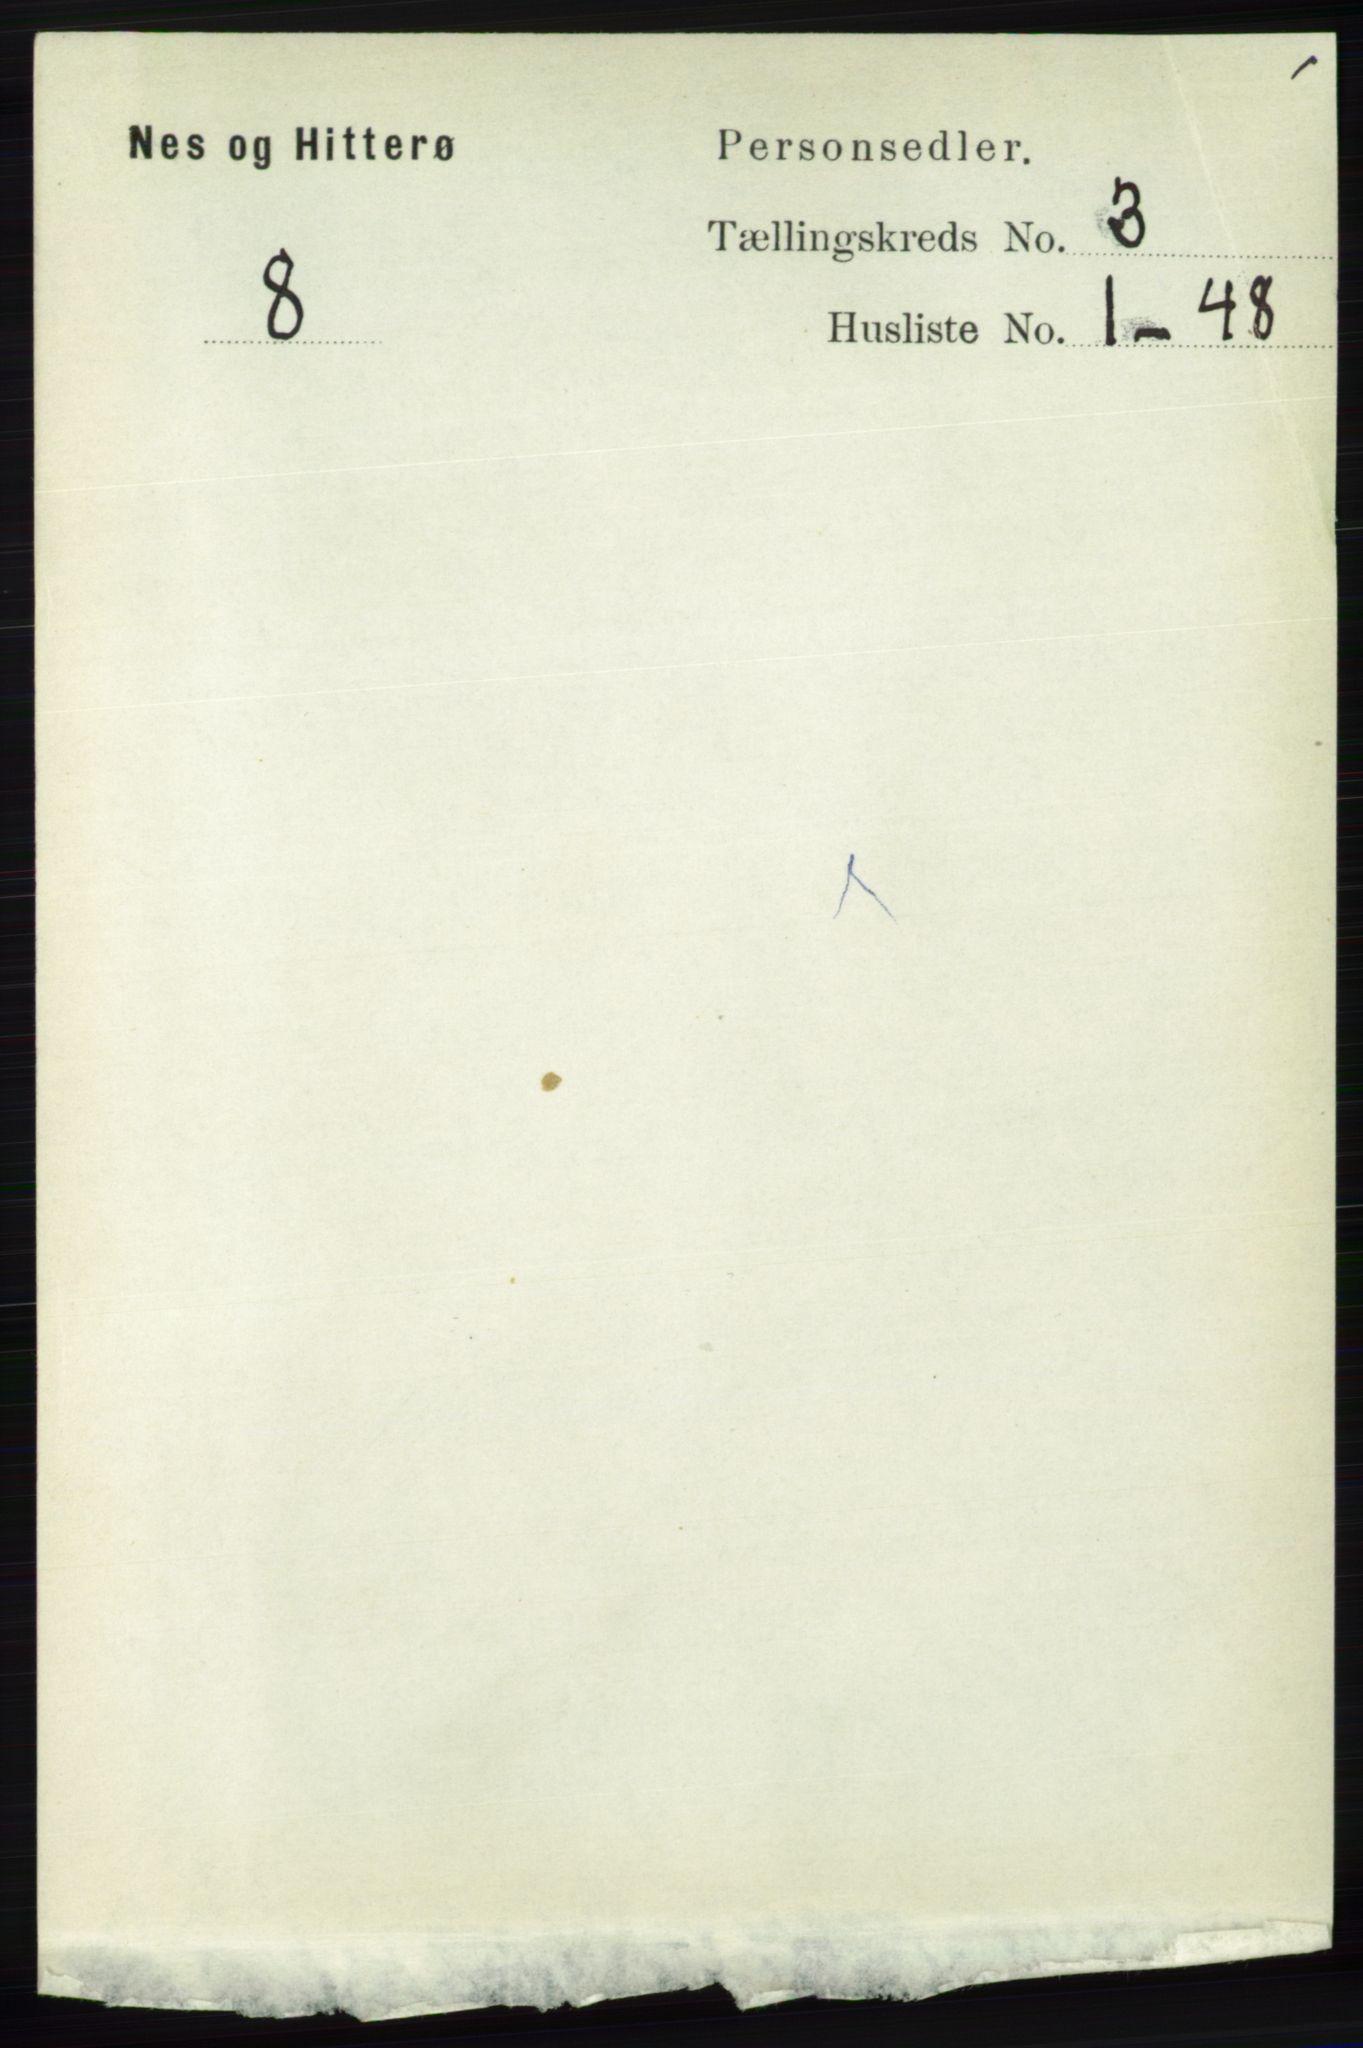 RA, Folketelling 1891 for 1043 Hidra og Nes herred, 1891, s. 924